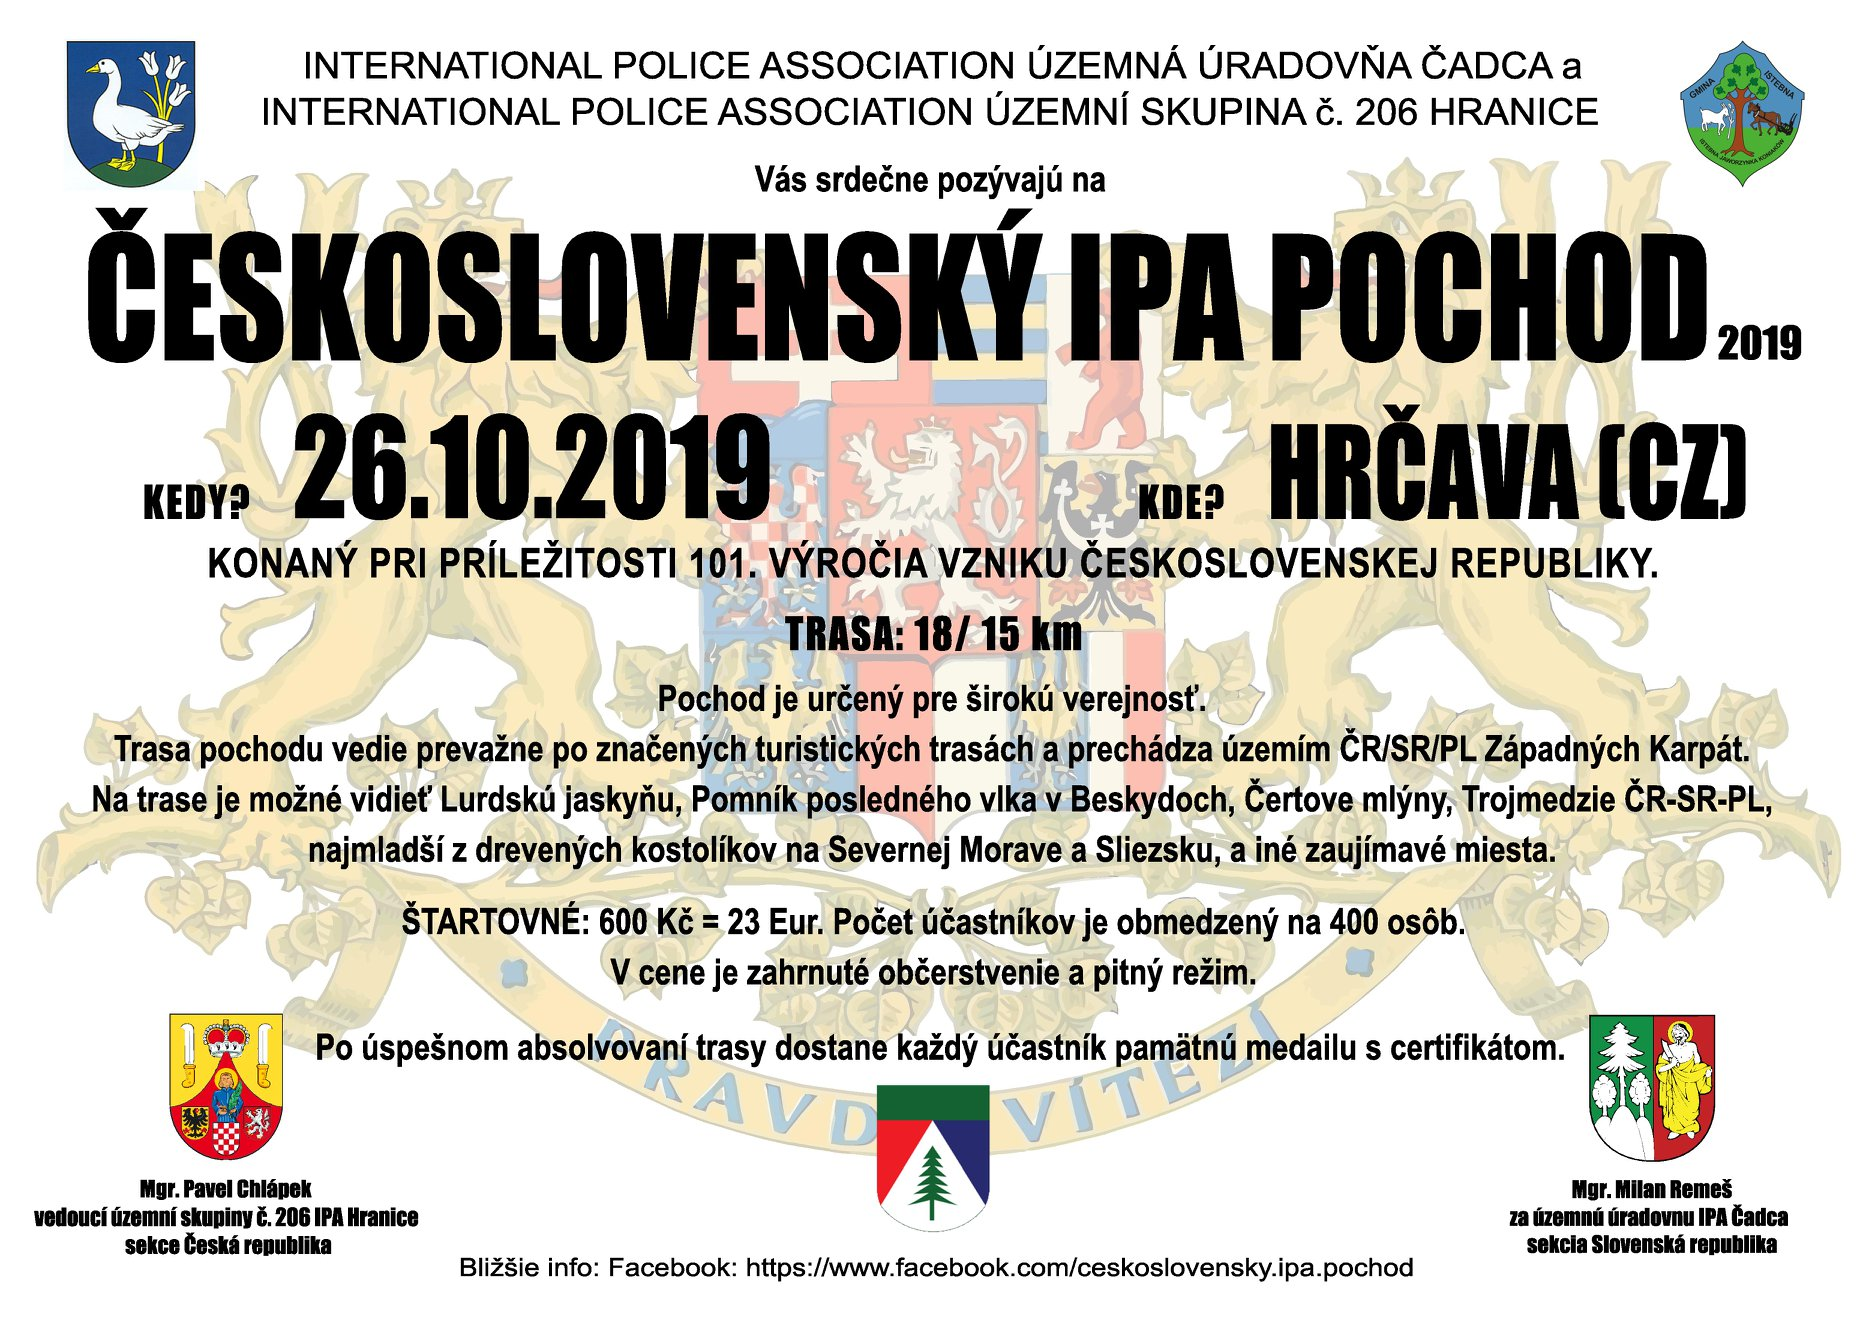 Československý IPA pochod 2019, Česko